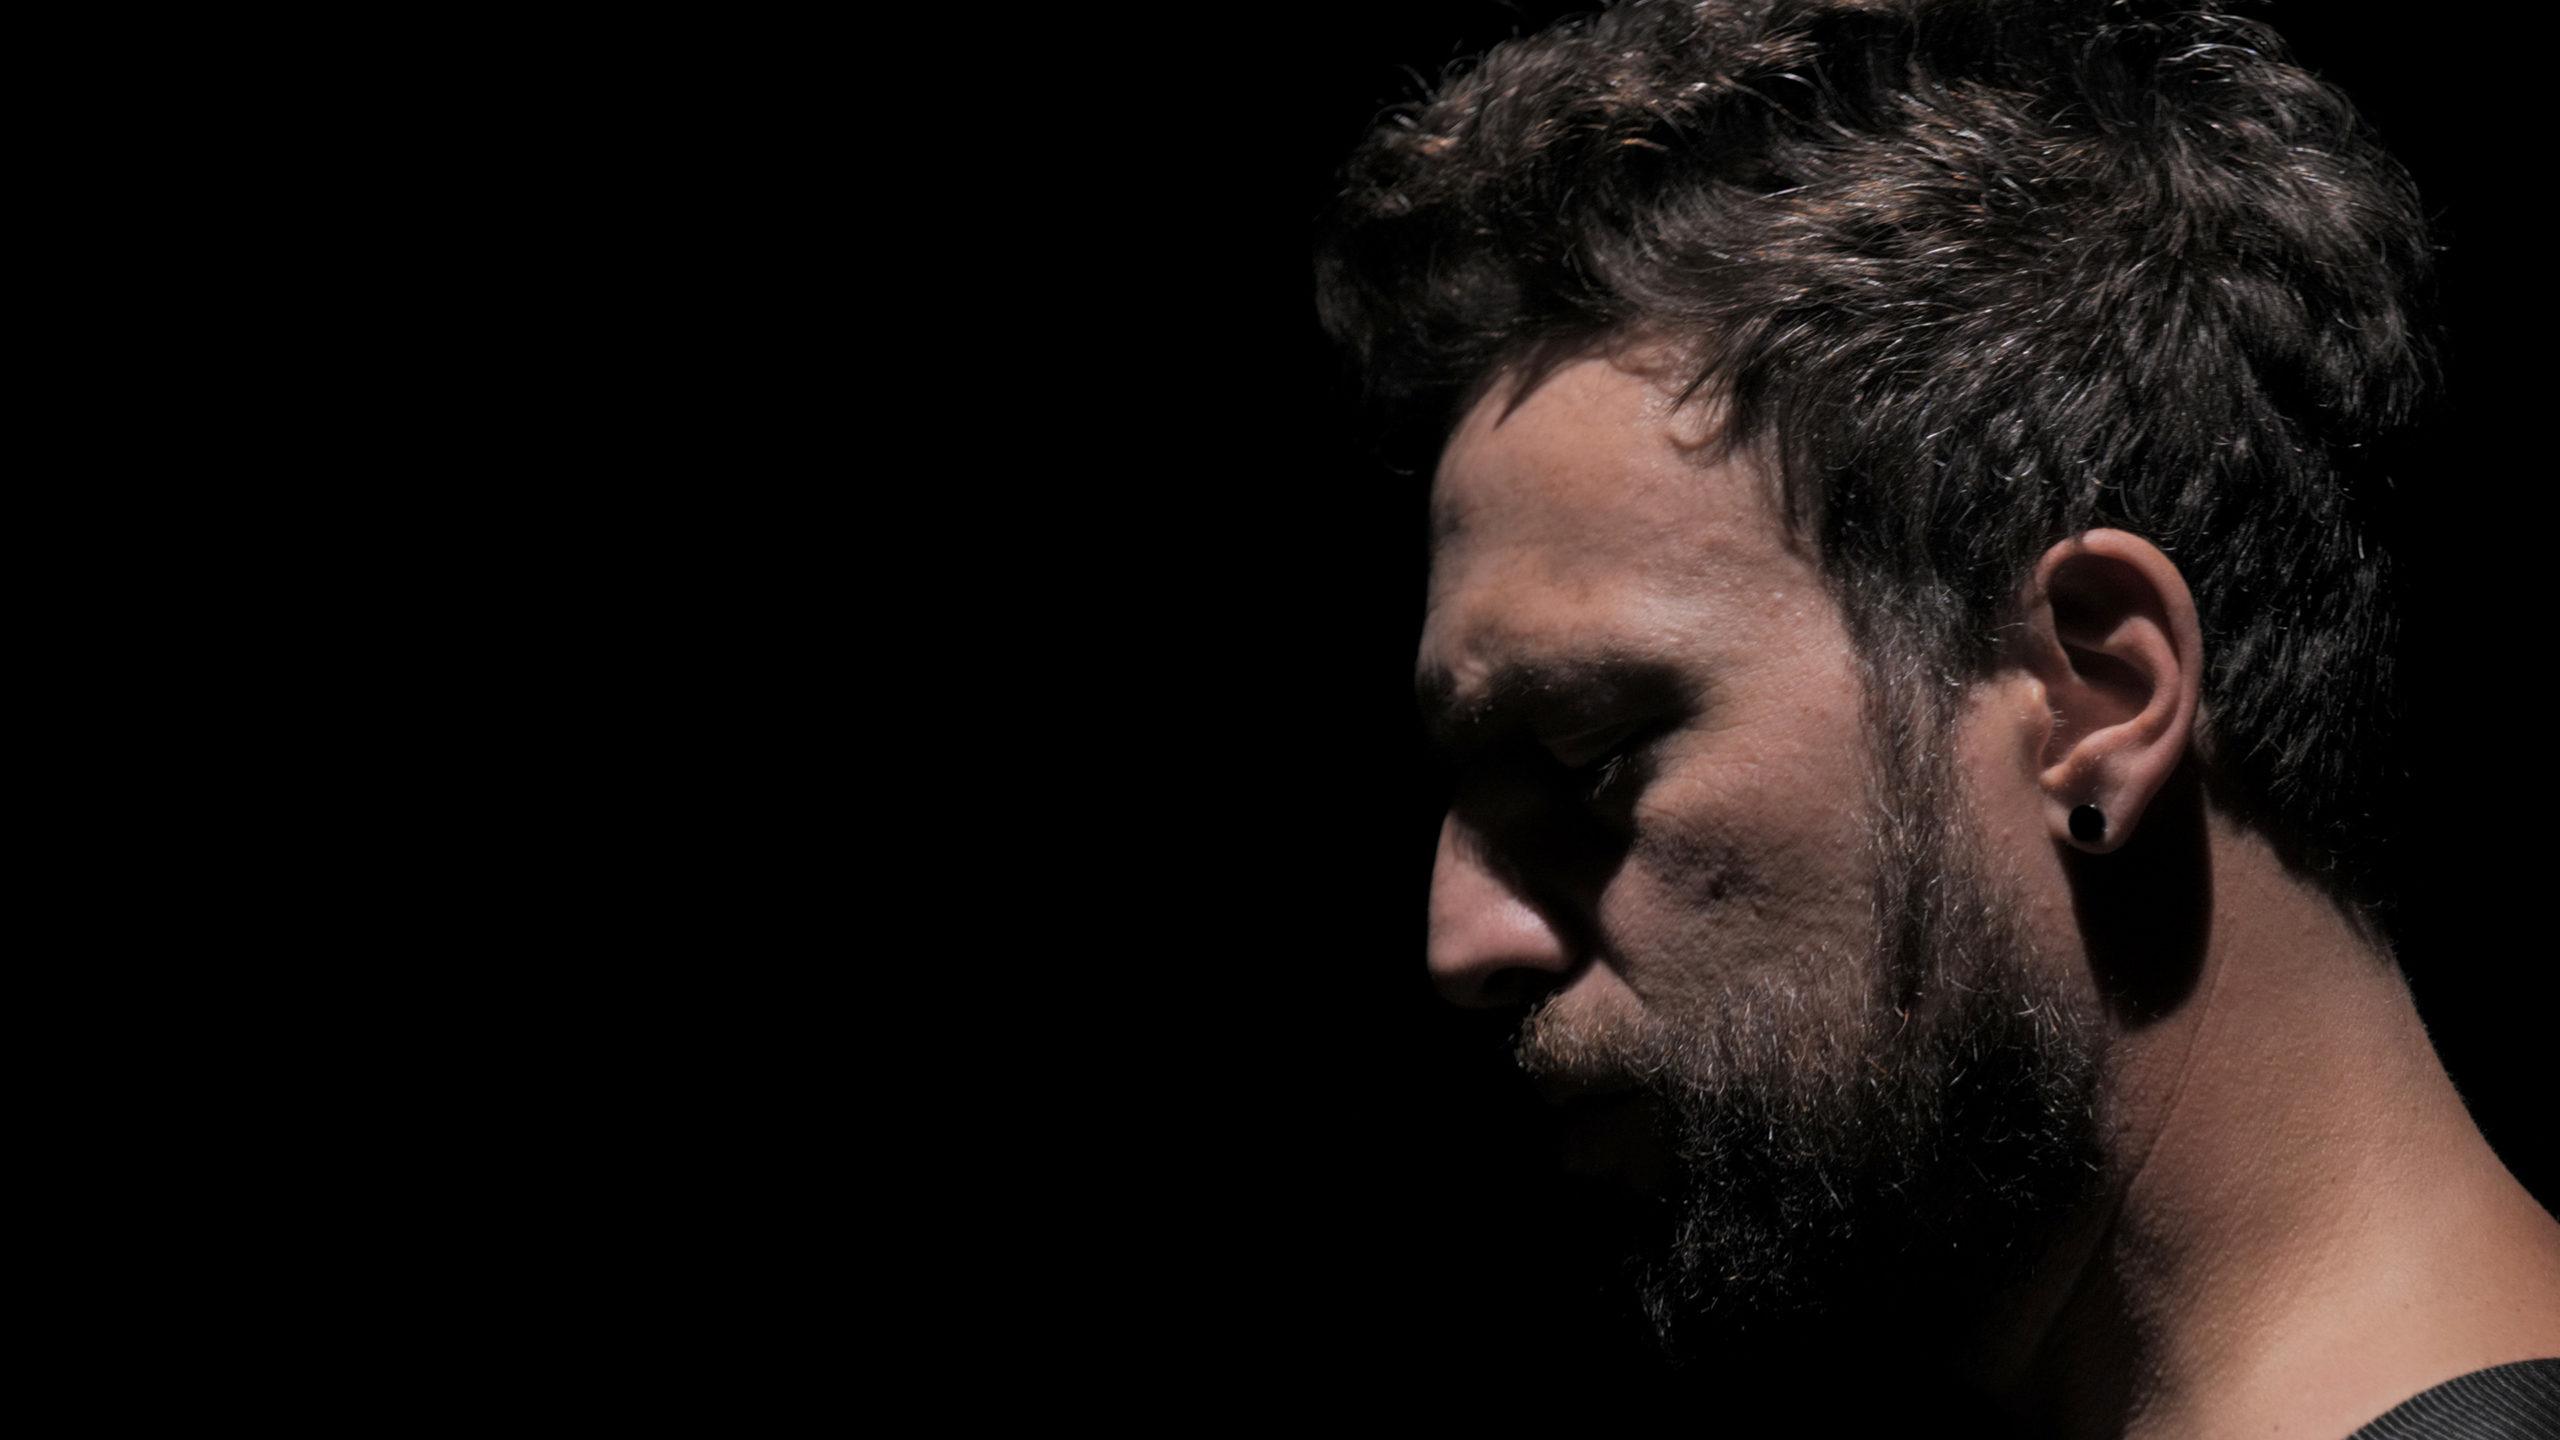 """Musica Italiana, Nuove Uscite. Scuro: svolta solista per l'ex leader dei Moods e dei Logo. """"Niente di così importante"""" è il primo singolo. VIDEO e TESTO"""